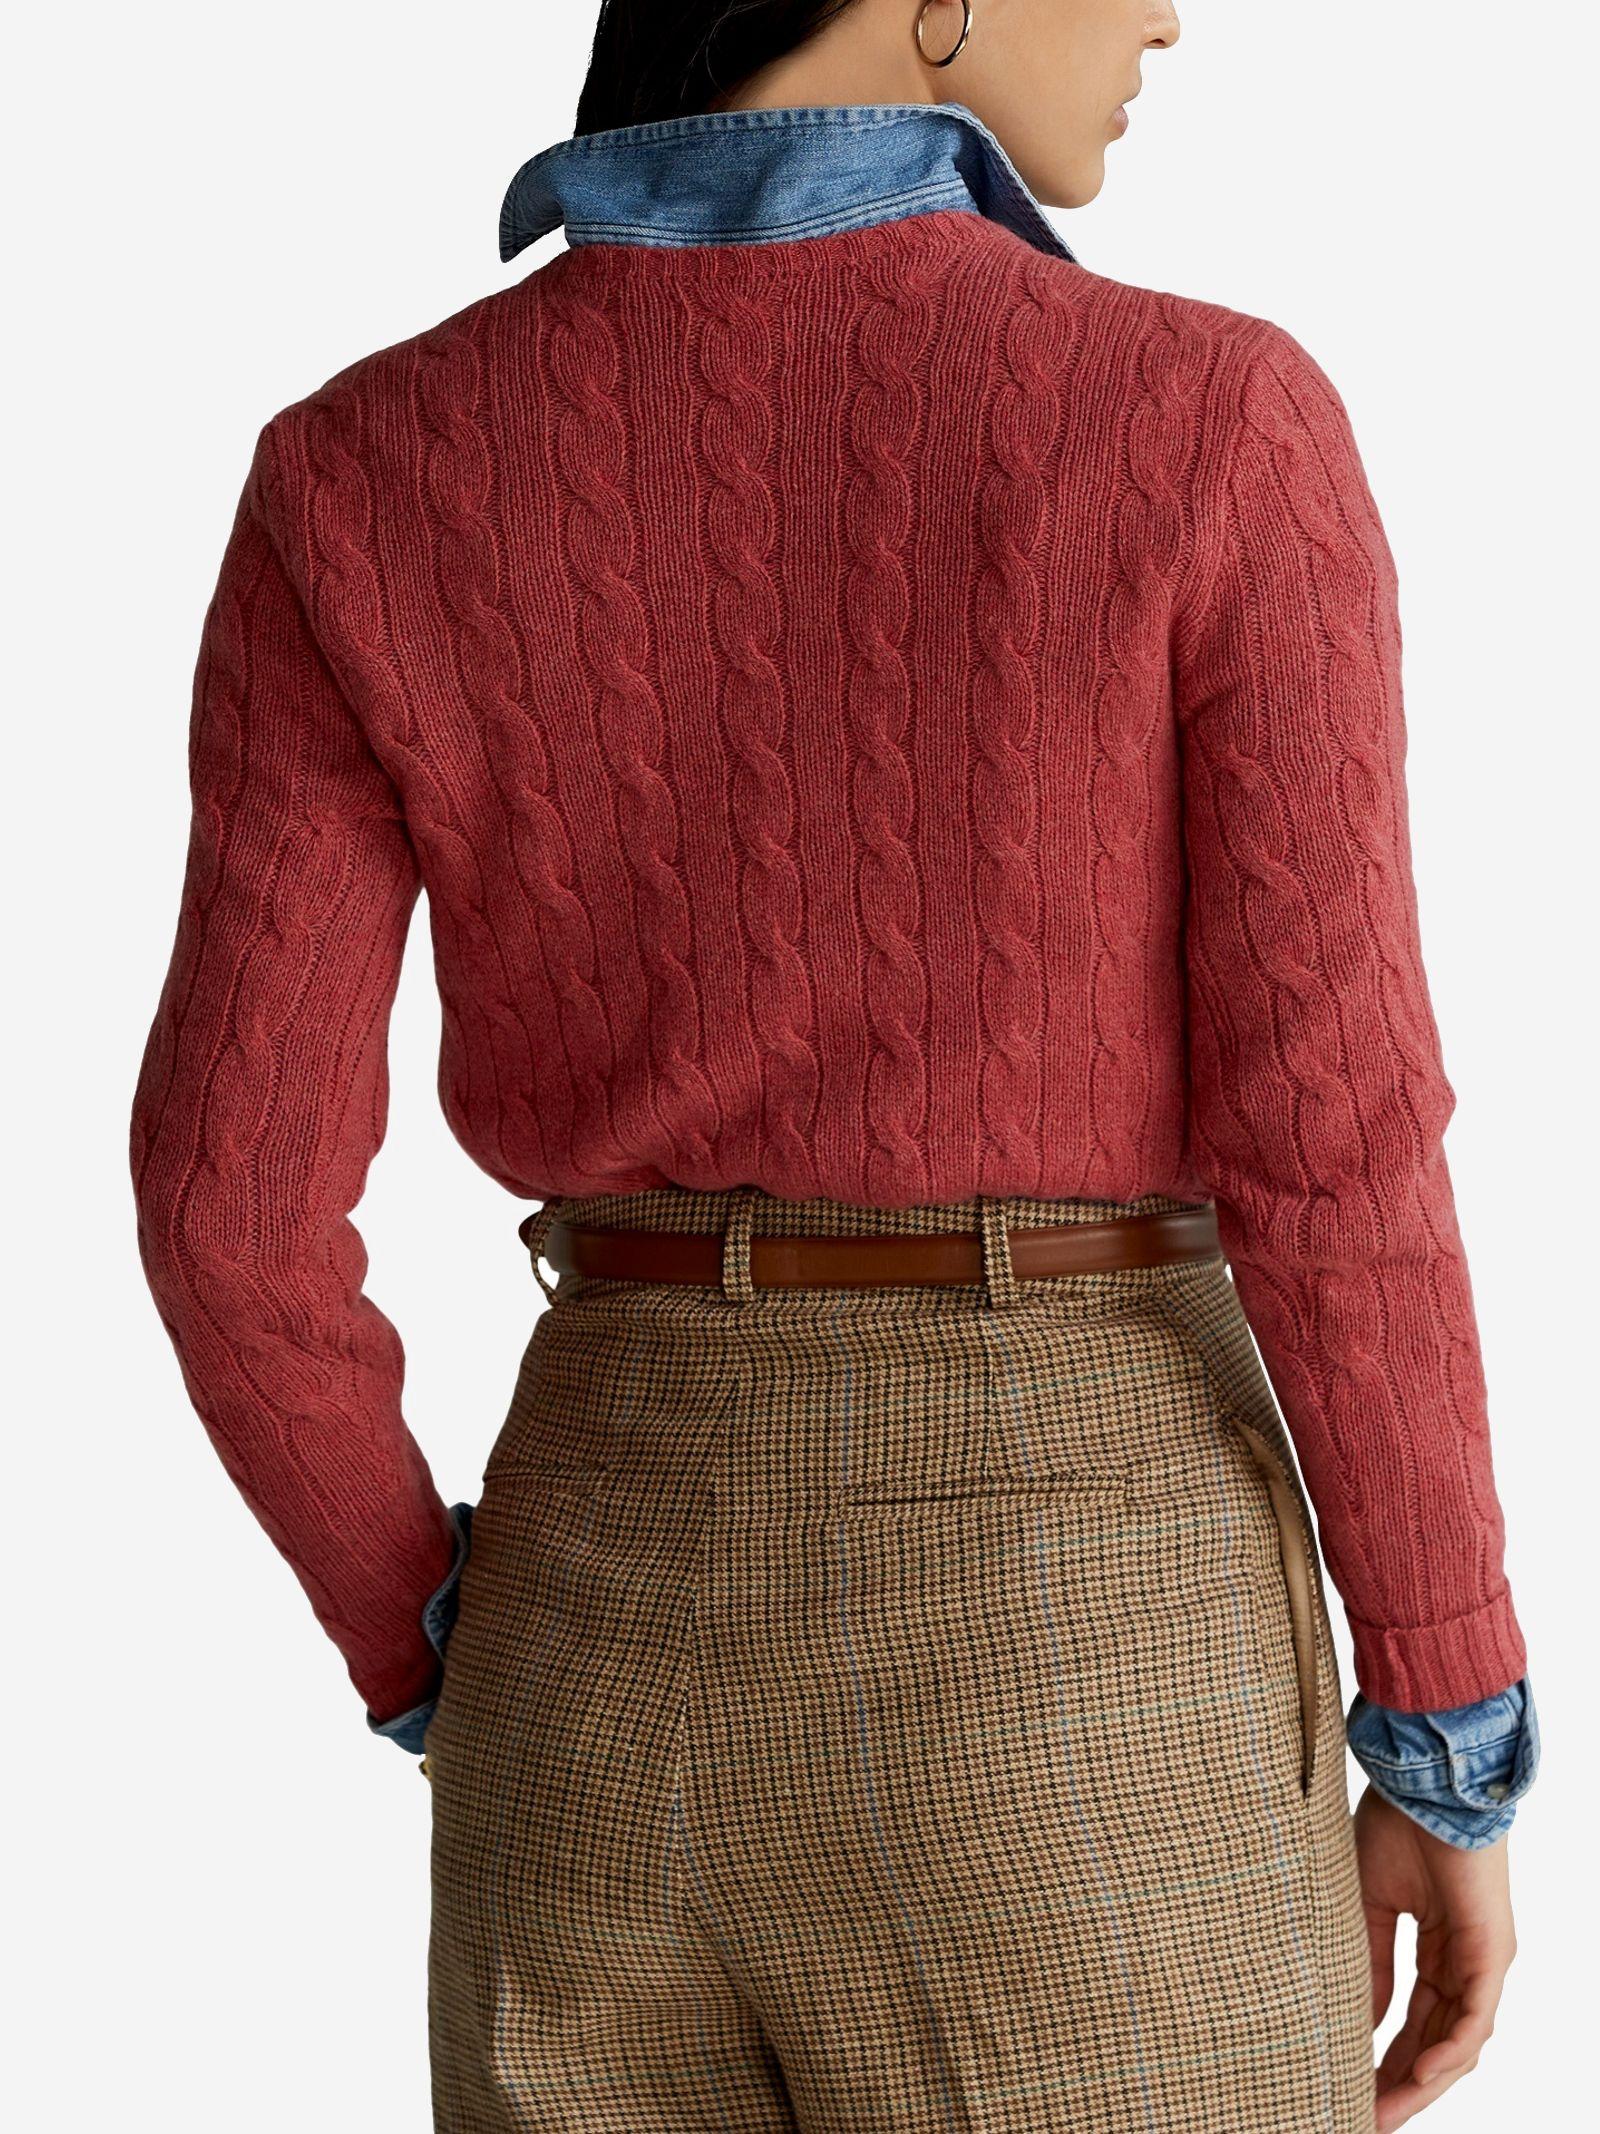 Shirt Julianna Polo Ralph Lauren POLO RALPH LAUREN   1   211525764051